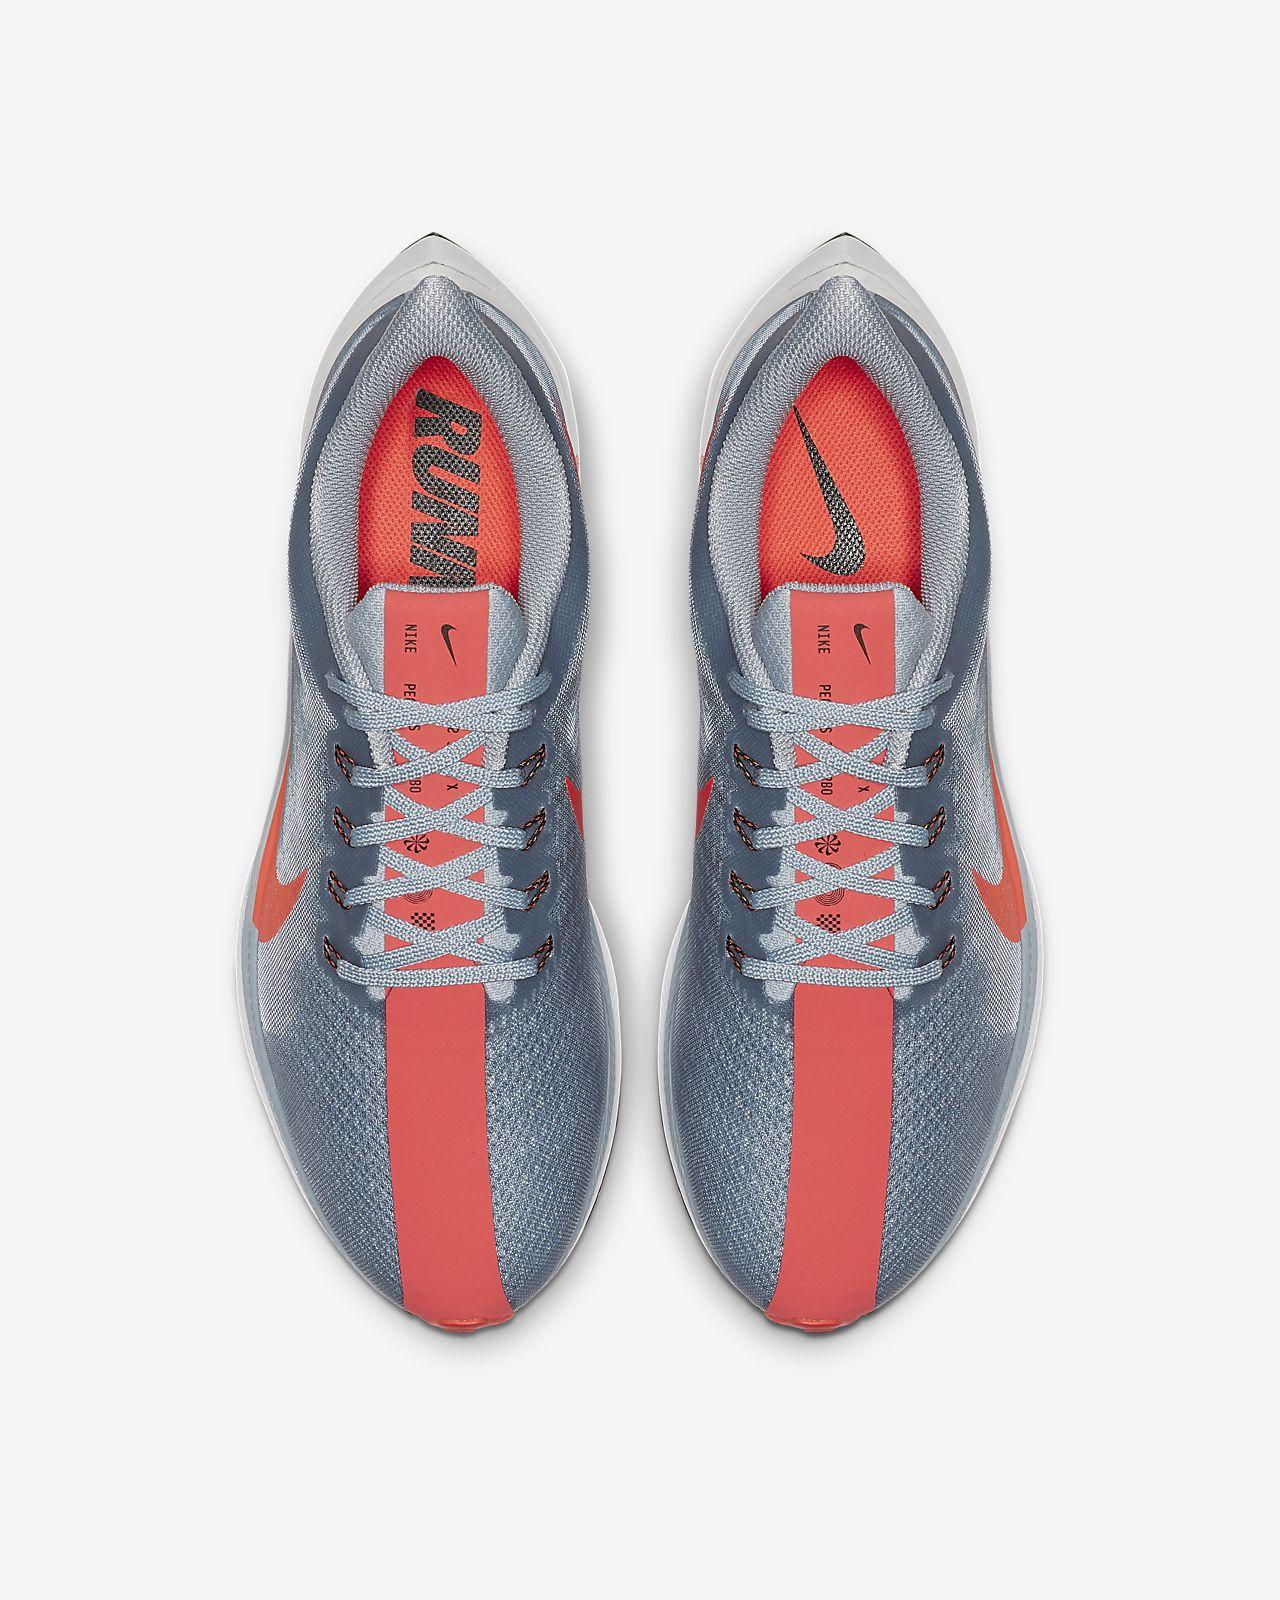 c706fe50b69 Calzado de running para hombre Nike Zoom Pegasus Turbo. Nike.com MX